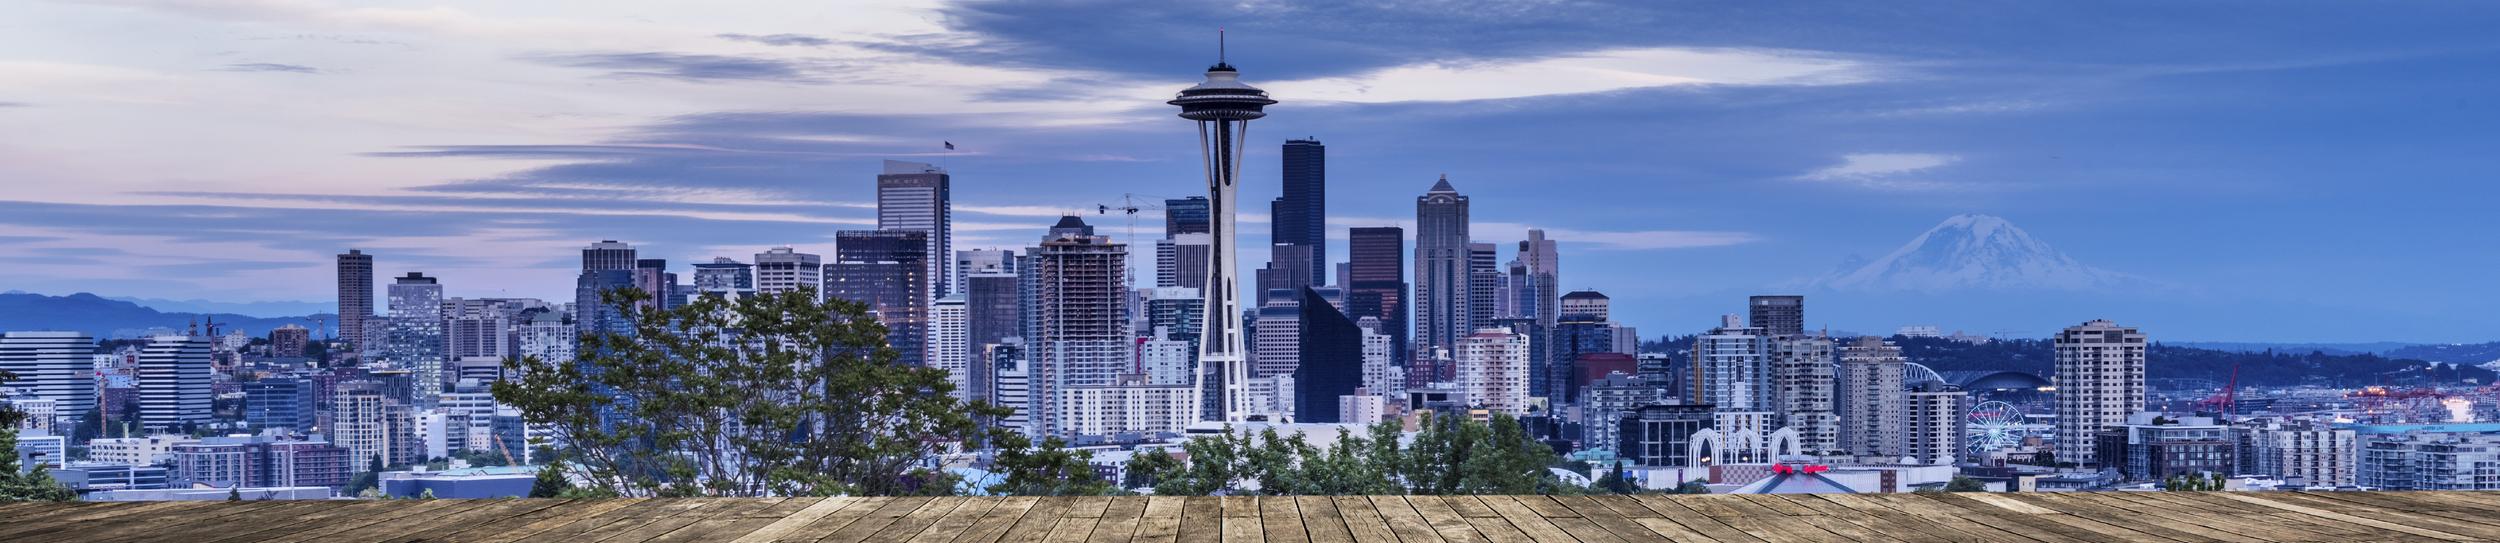 Top 10 Seattle Advertising Agencies